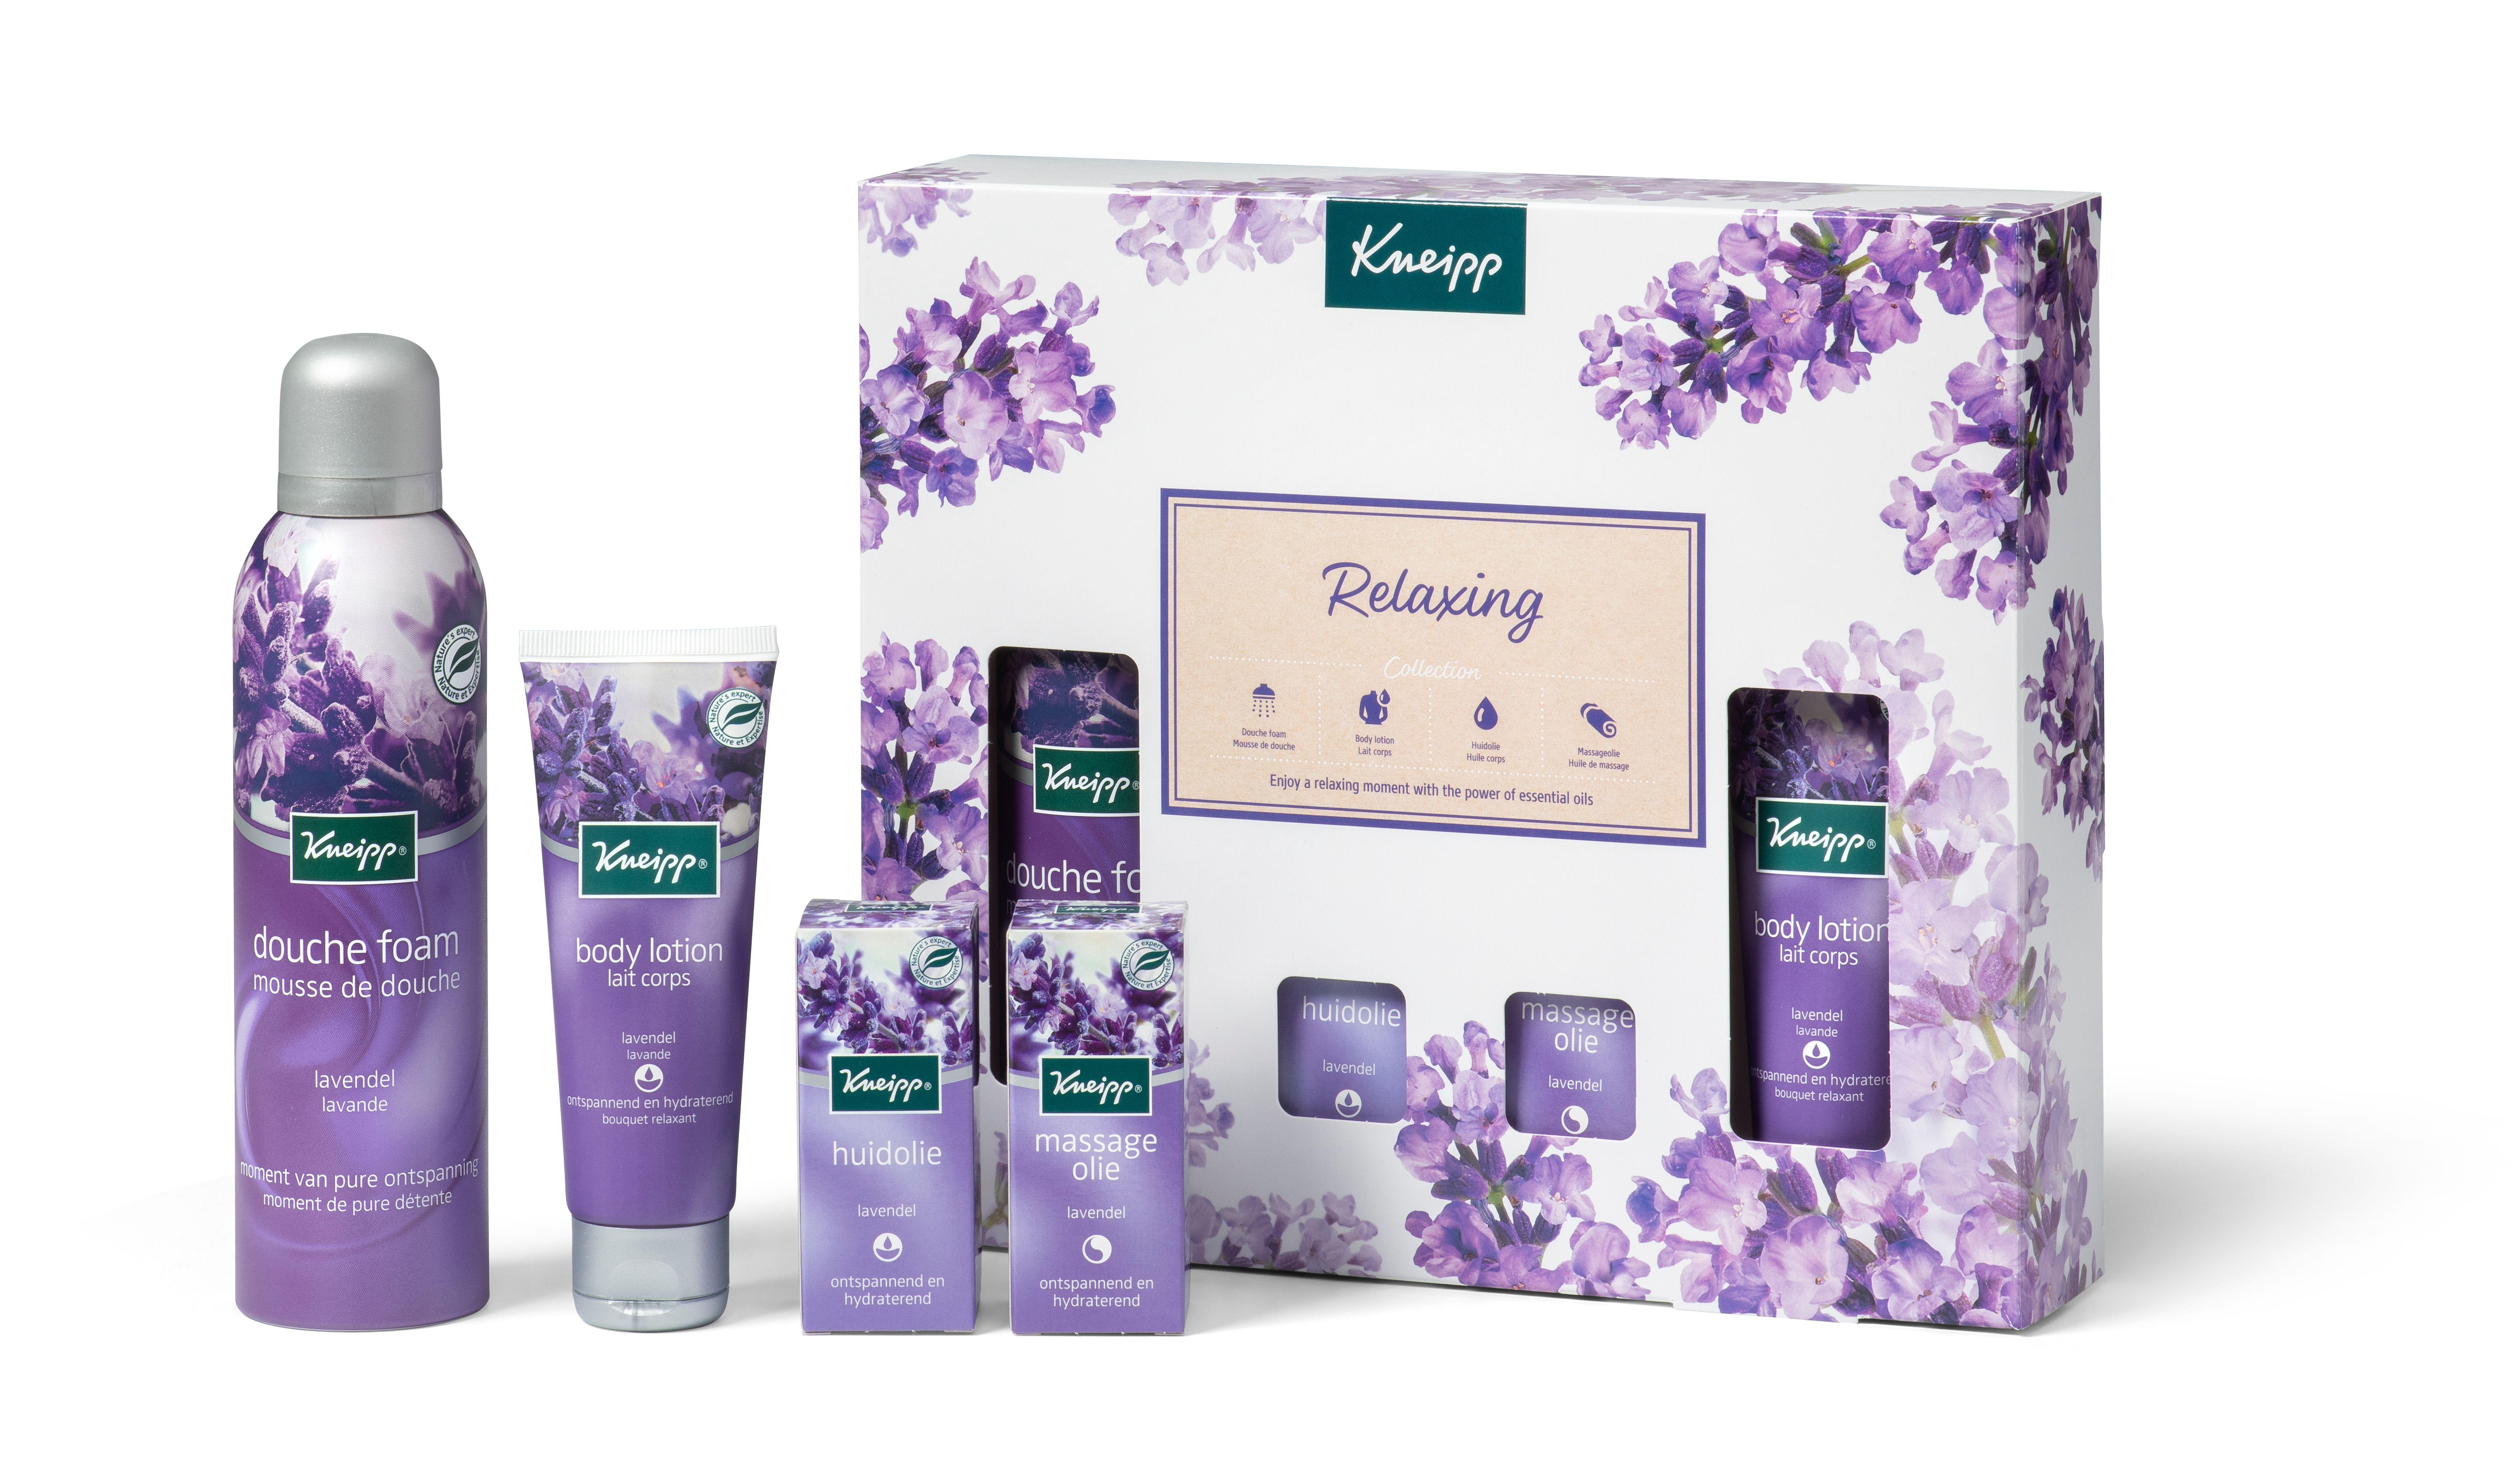 Nieuwe kneipp Giftsets voor Sint/kerst 2020 Lavendel collectie